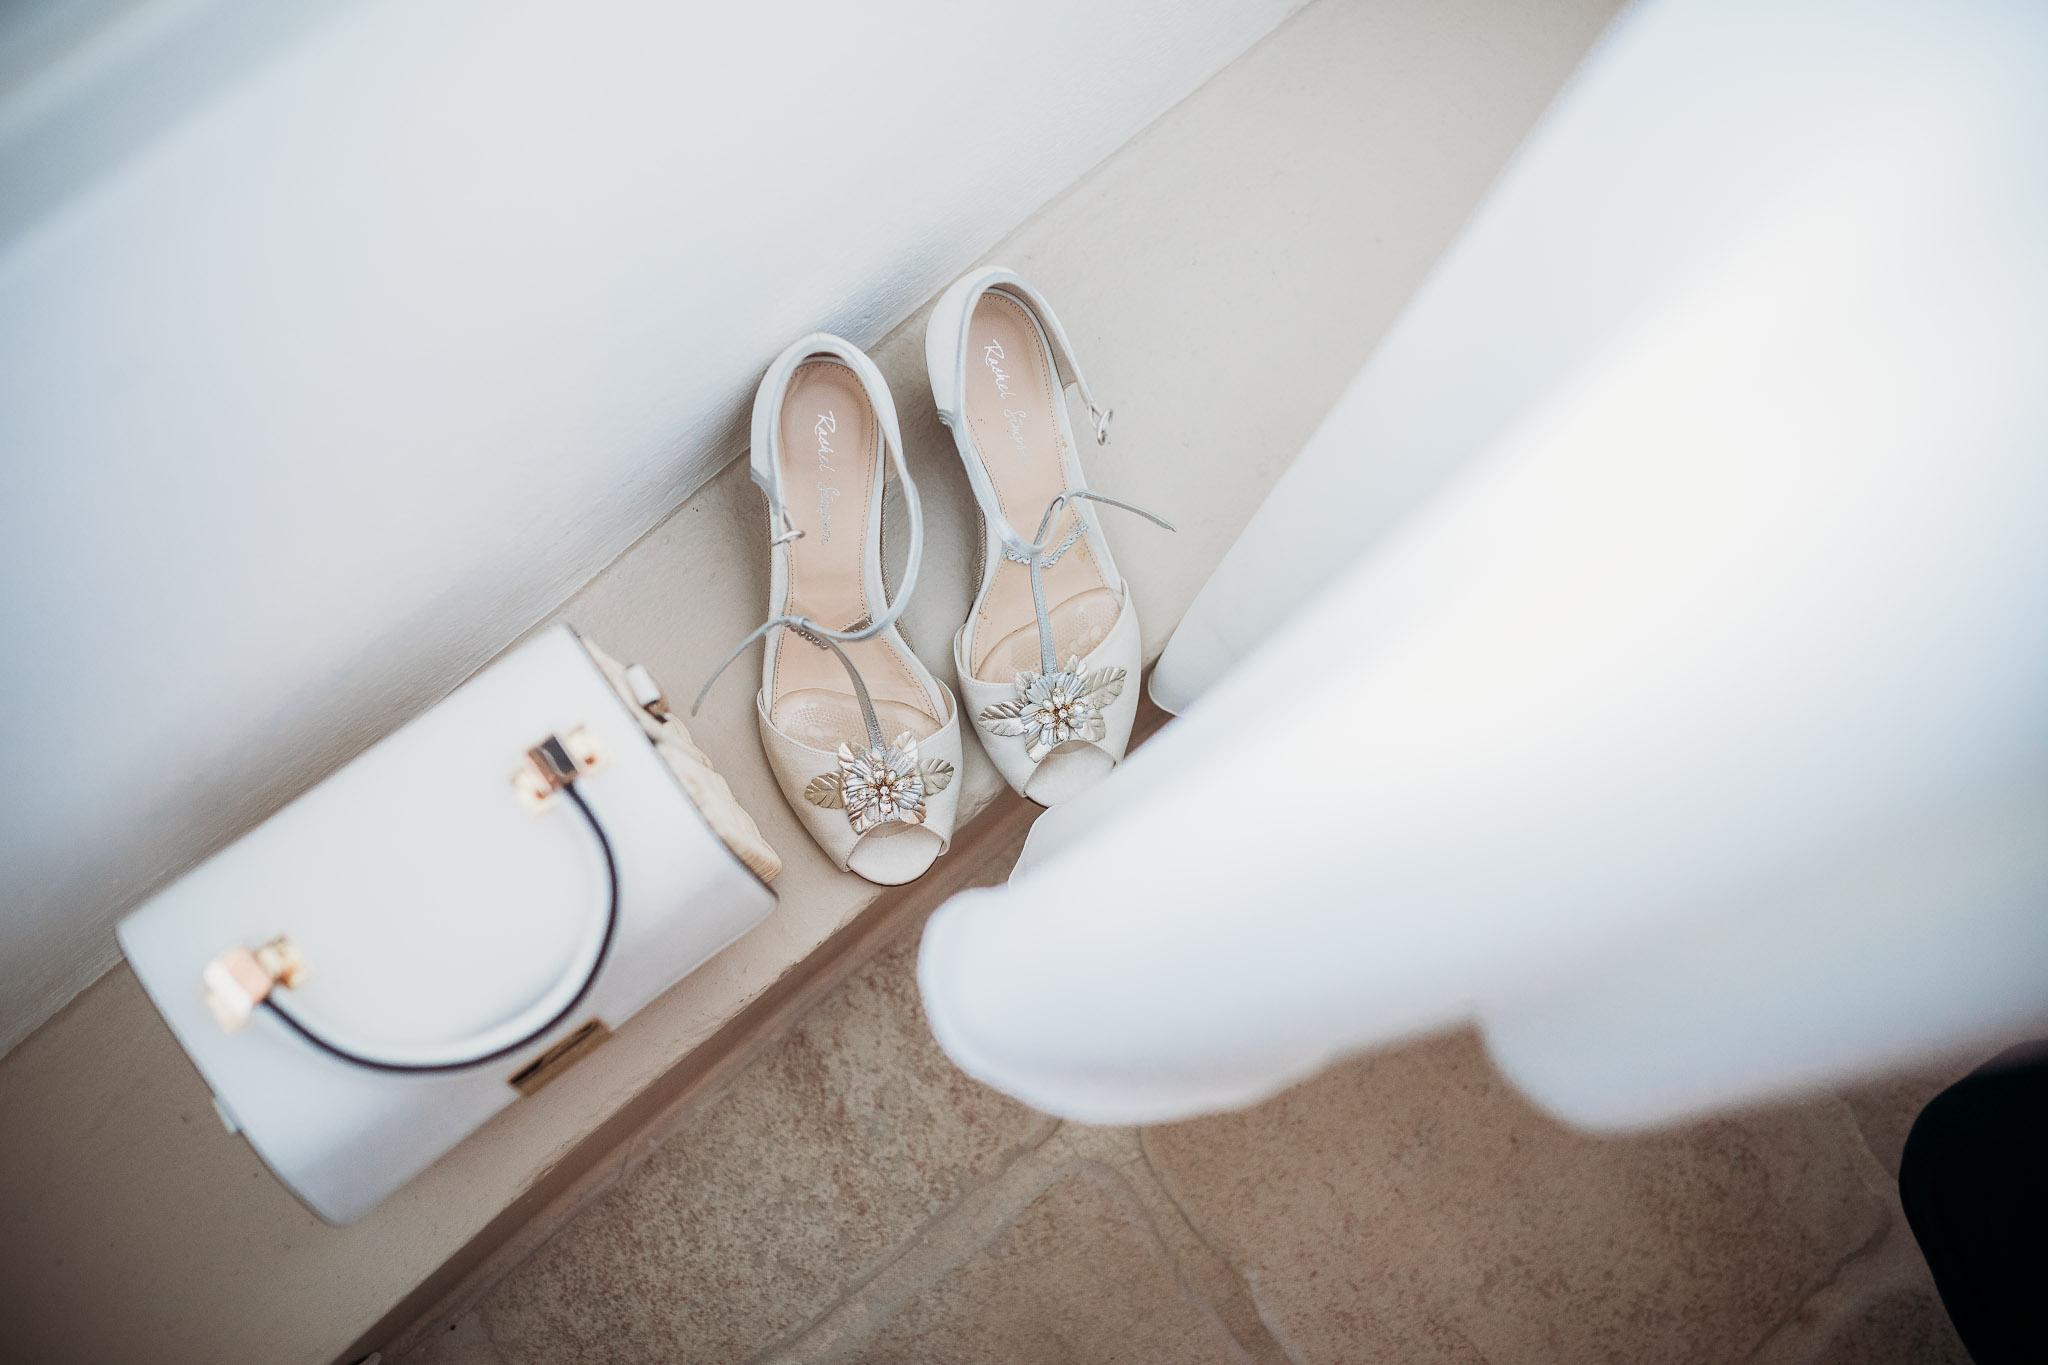 white bired's dress and details at La Villa Hotel Mombaruzzo